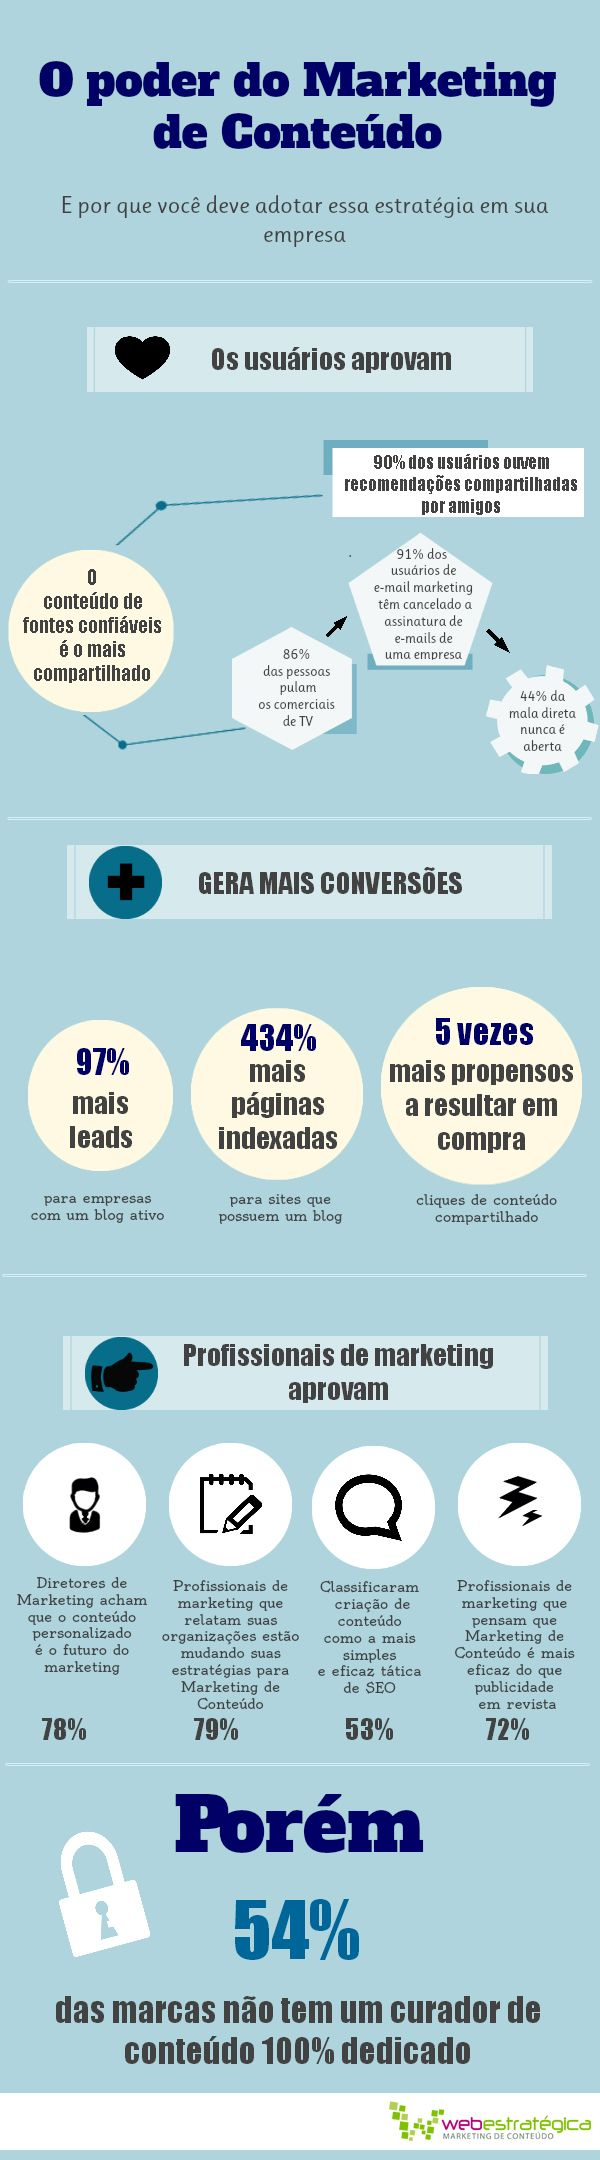 Estratégia de Conteúdo e Marketing de Conteúdo - Marketing de Conteúdo // Infográfico